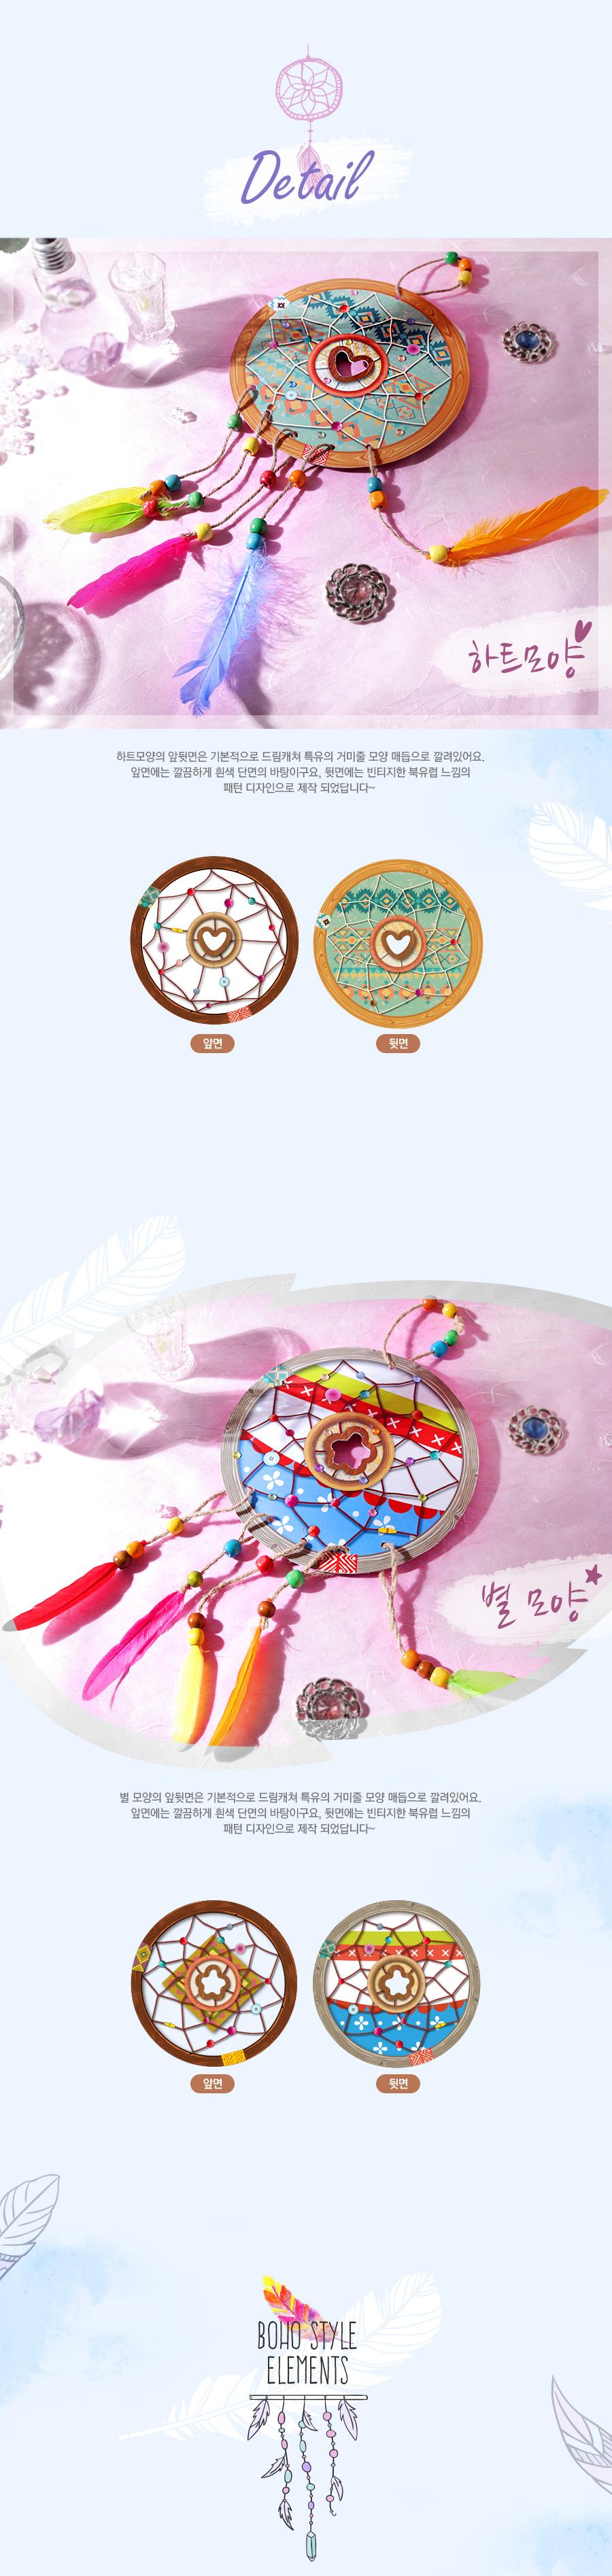 드림캐쳐 장식용품 만들기 - 아트랄라, 1,900원, 리본공예, 리본공예 패키지